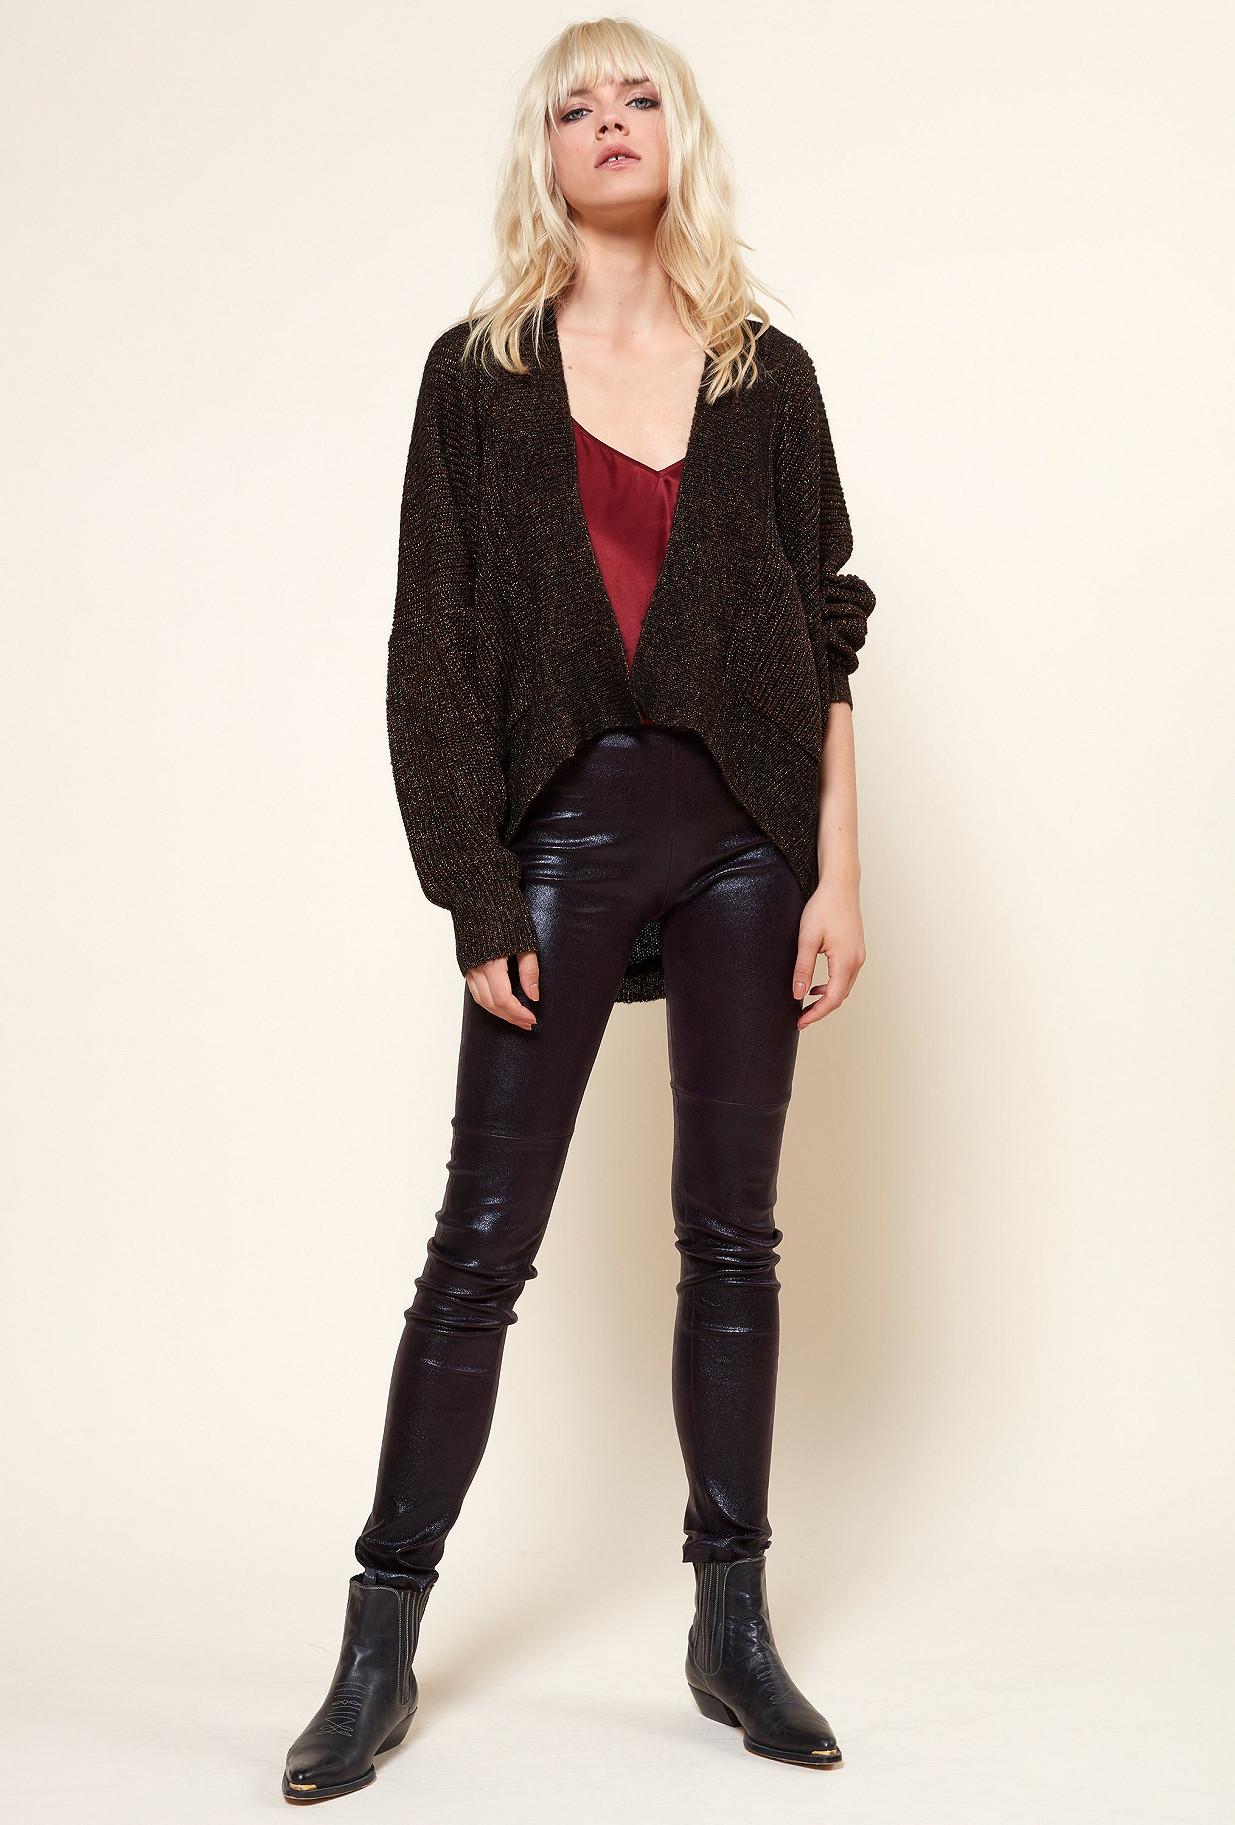 Paris clothes store Knit Mauri french designer fashion Paris